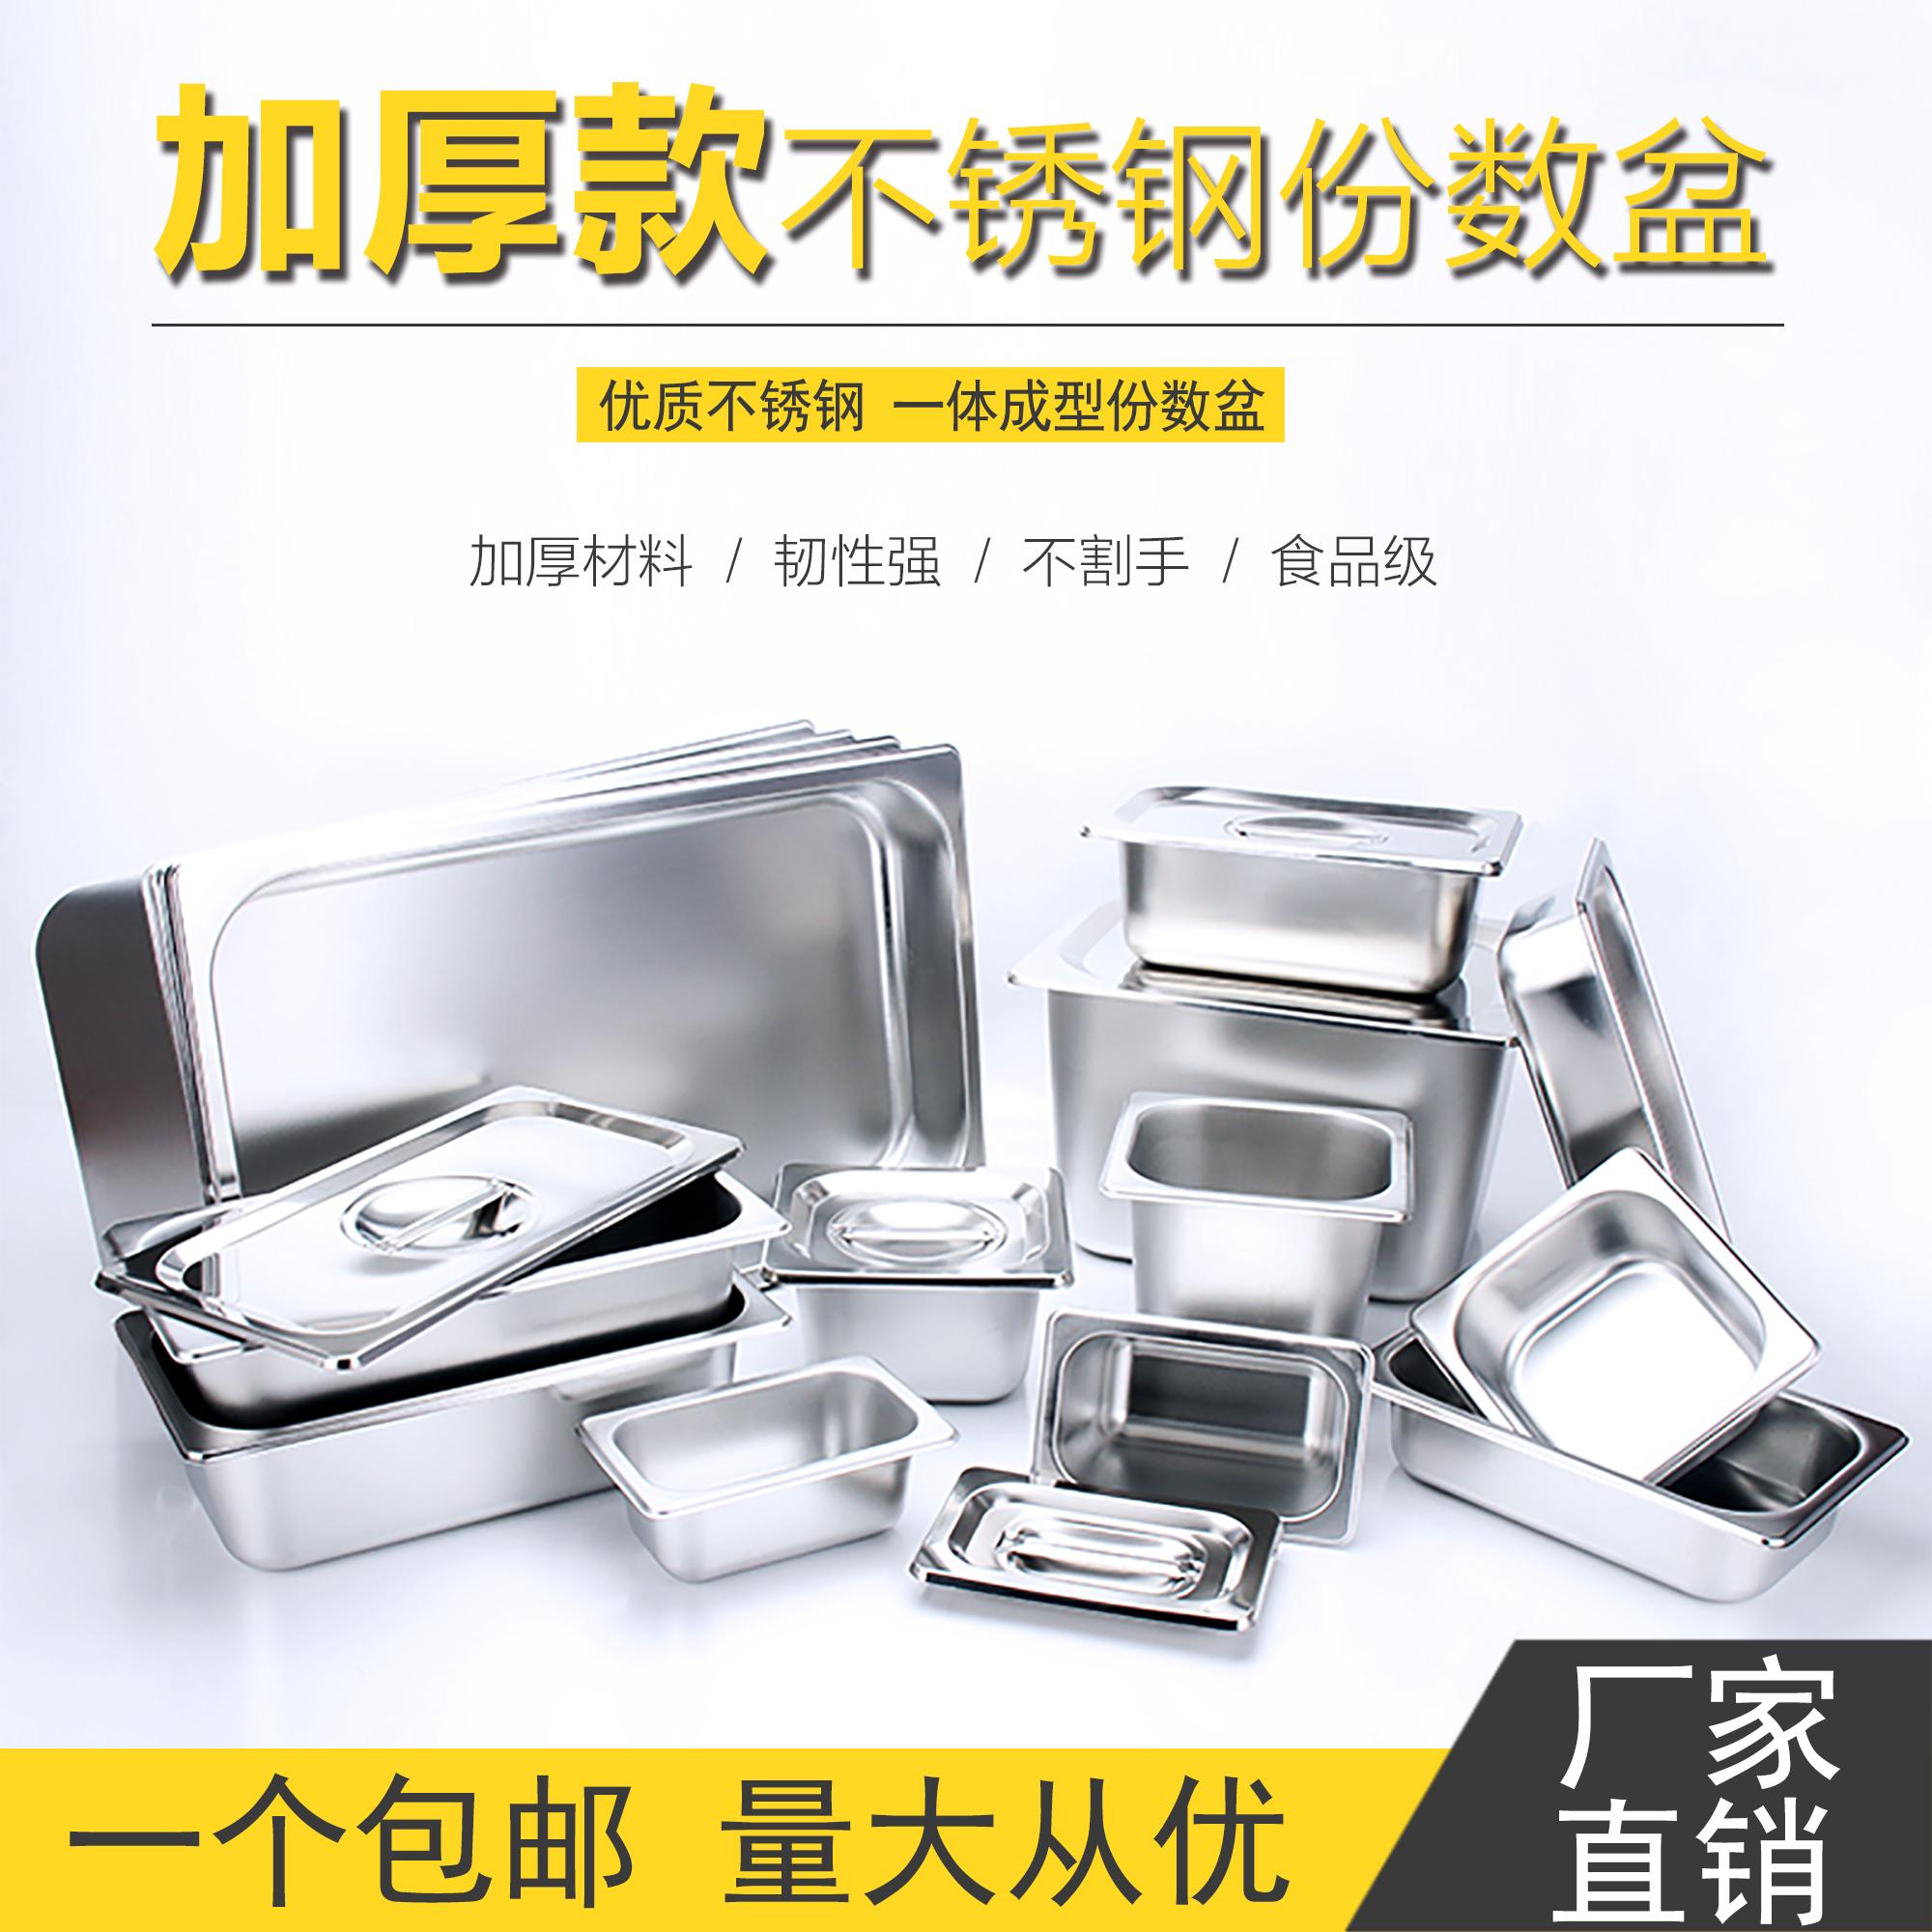 不锈钢份数盆自助餐保温台带盖方盆长方形食物菜盆分数盘奶茶盒子